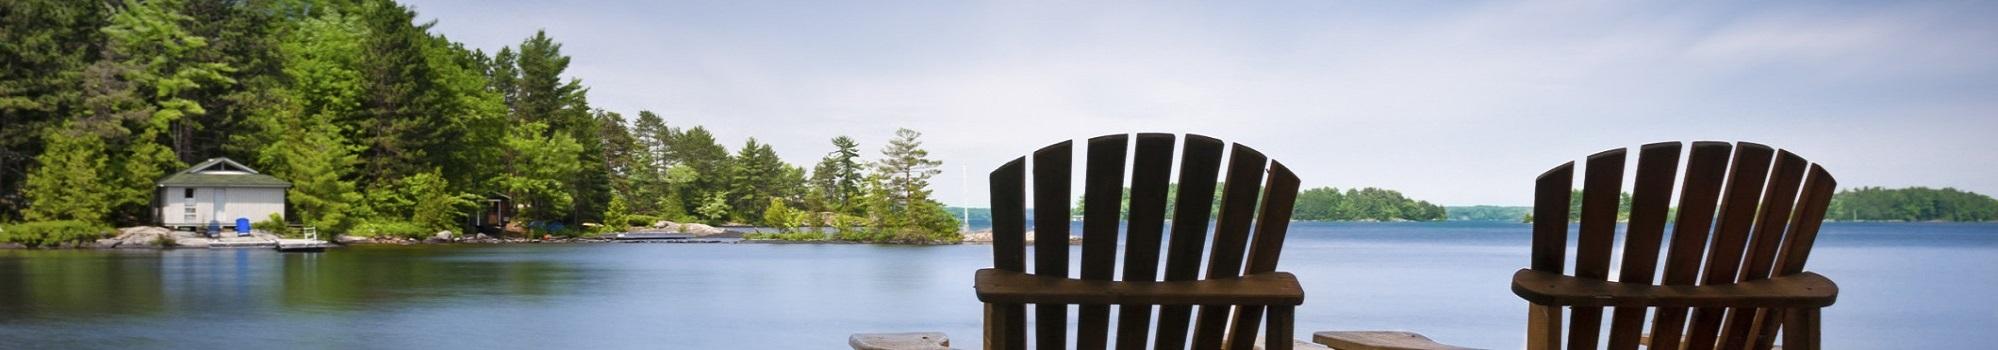 summer-cottage-mortgage